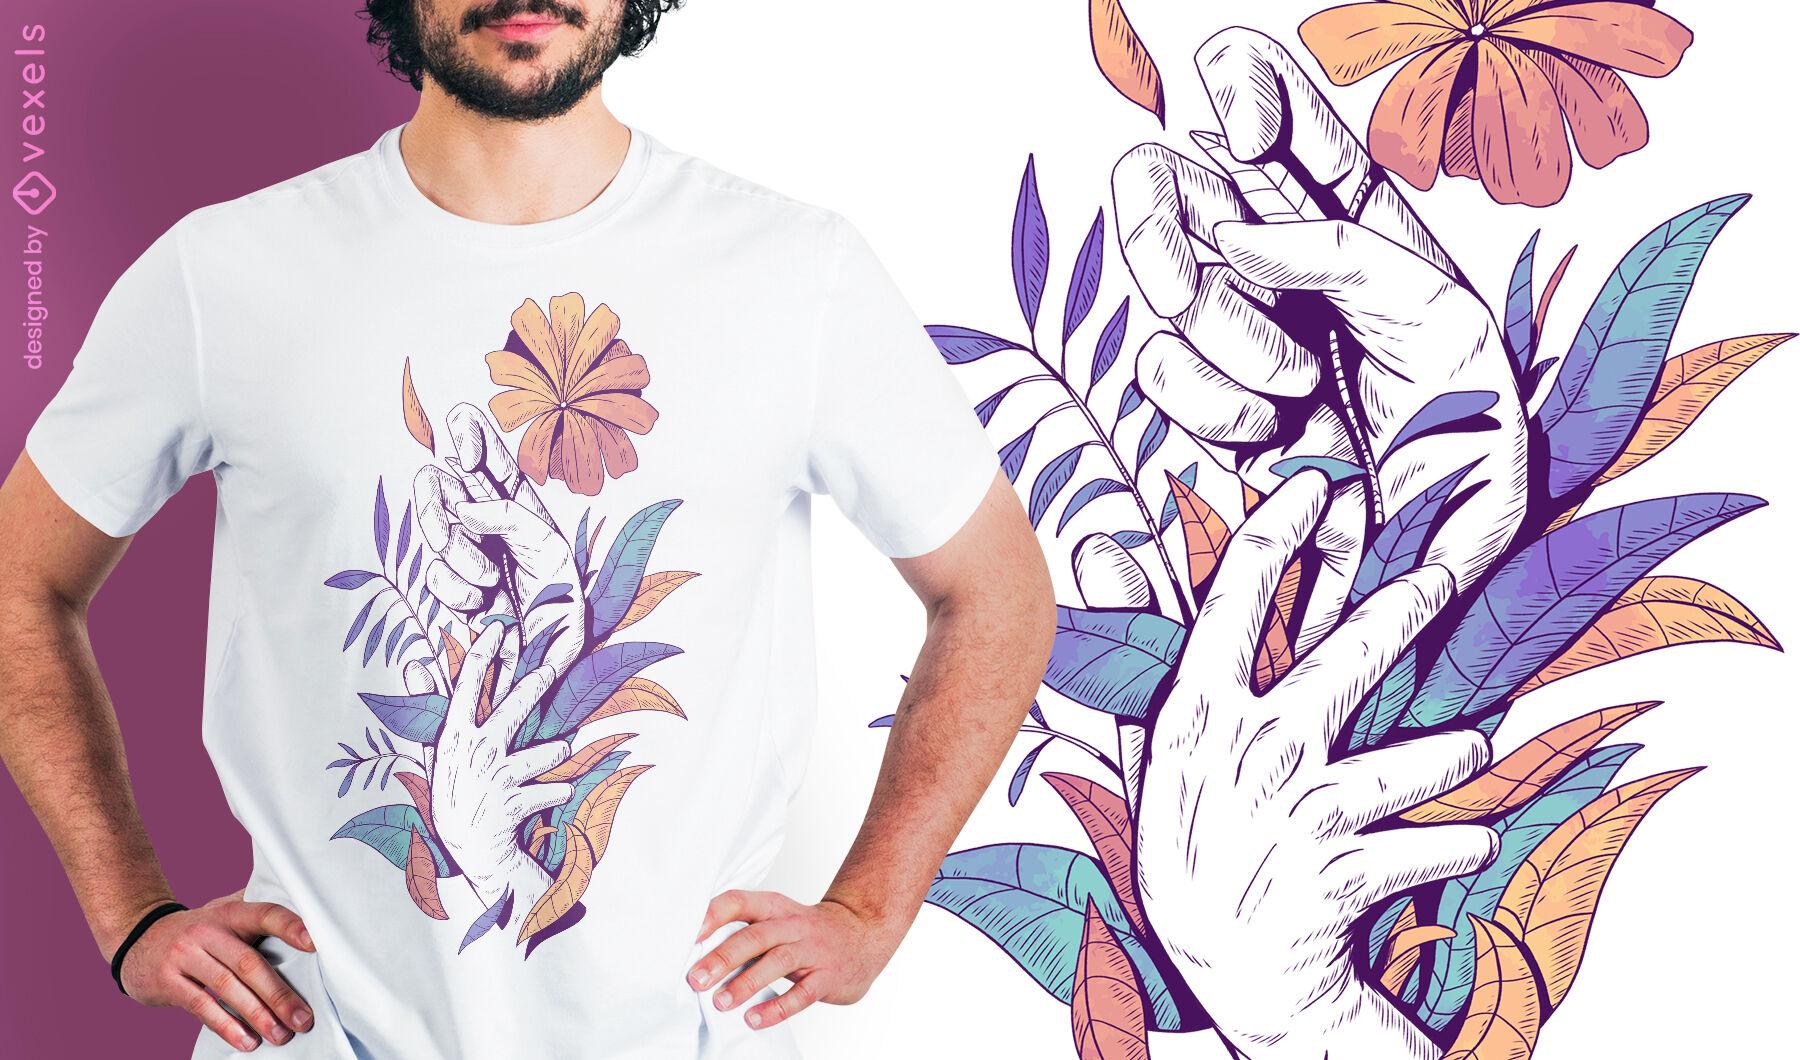 Manos sosteniendo hojas y flores diseño de camiseta psd